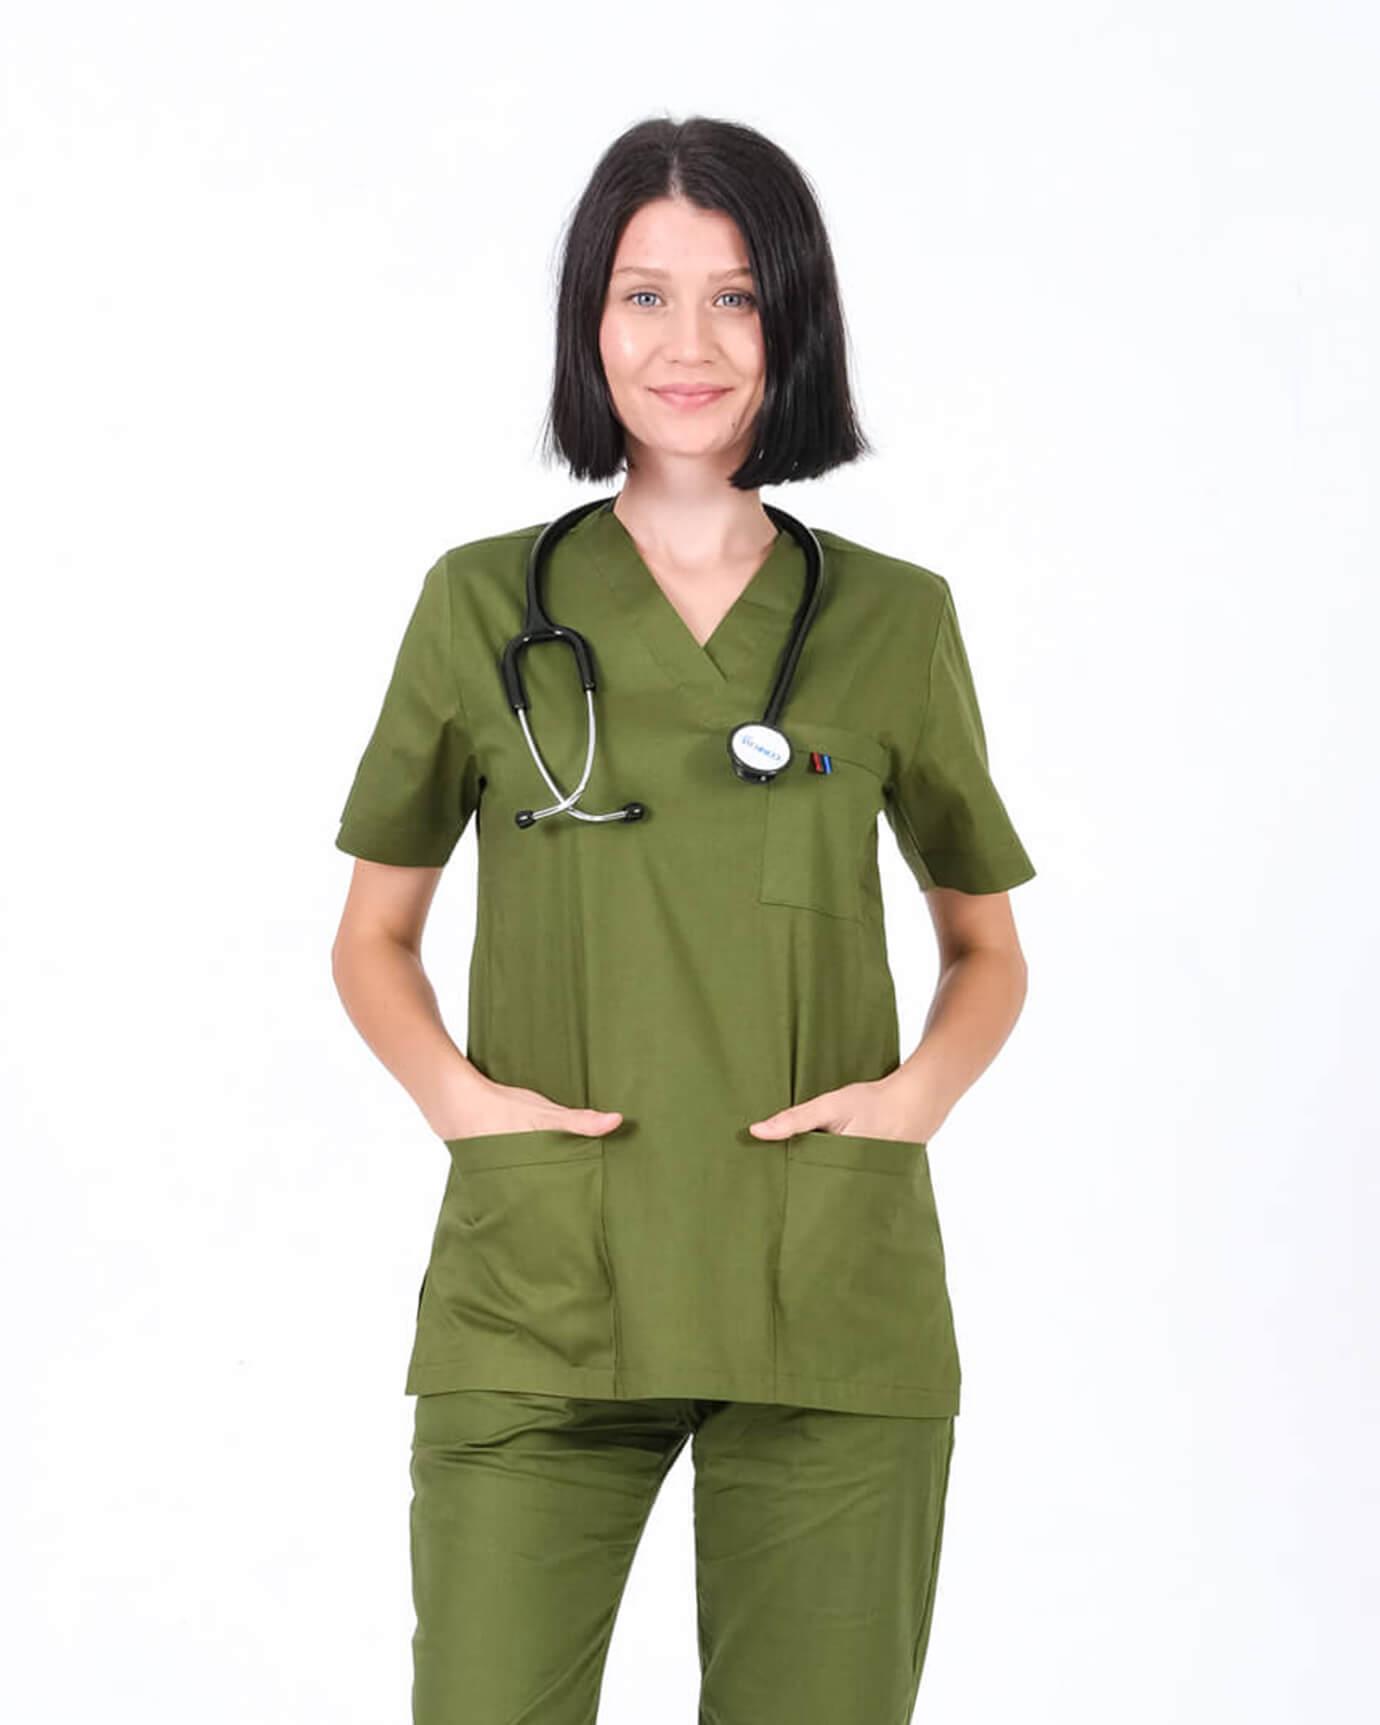 %100 Pamuk Likralı Takma Kol Asker Yeşili Forma Üstü